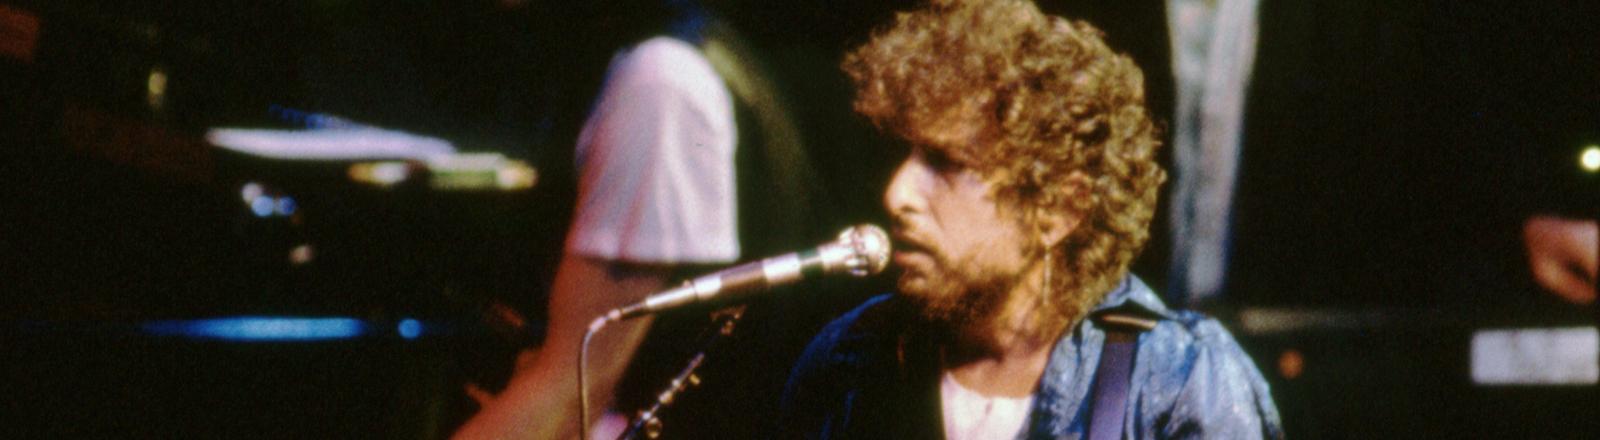 Bob Dylan bei einem Konzert 1987